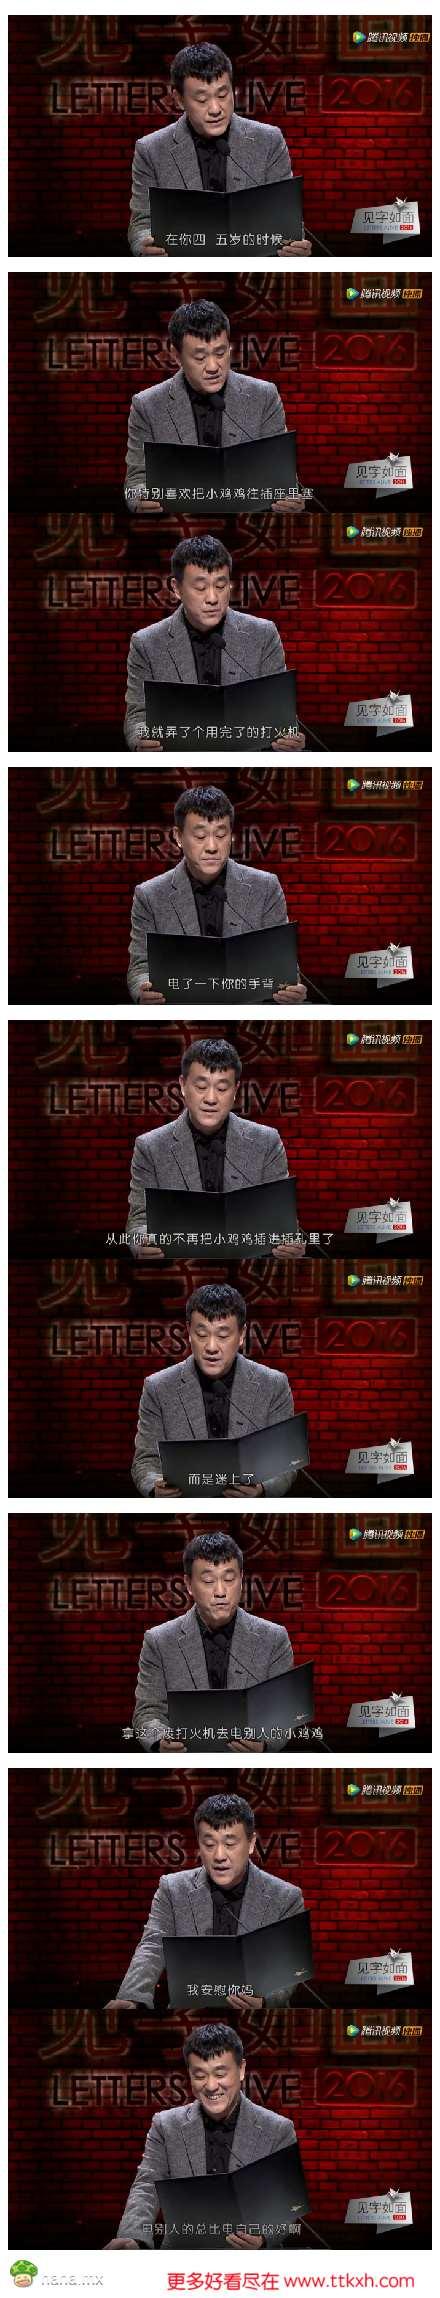 看宋慈朗读郑国强写给儿子郑艺的信《爸爸有些话想送给你》,绝对是亲生的